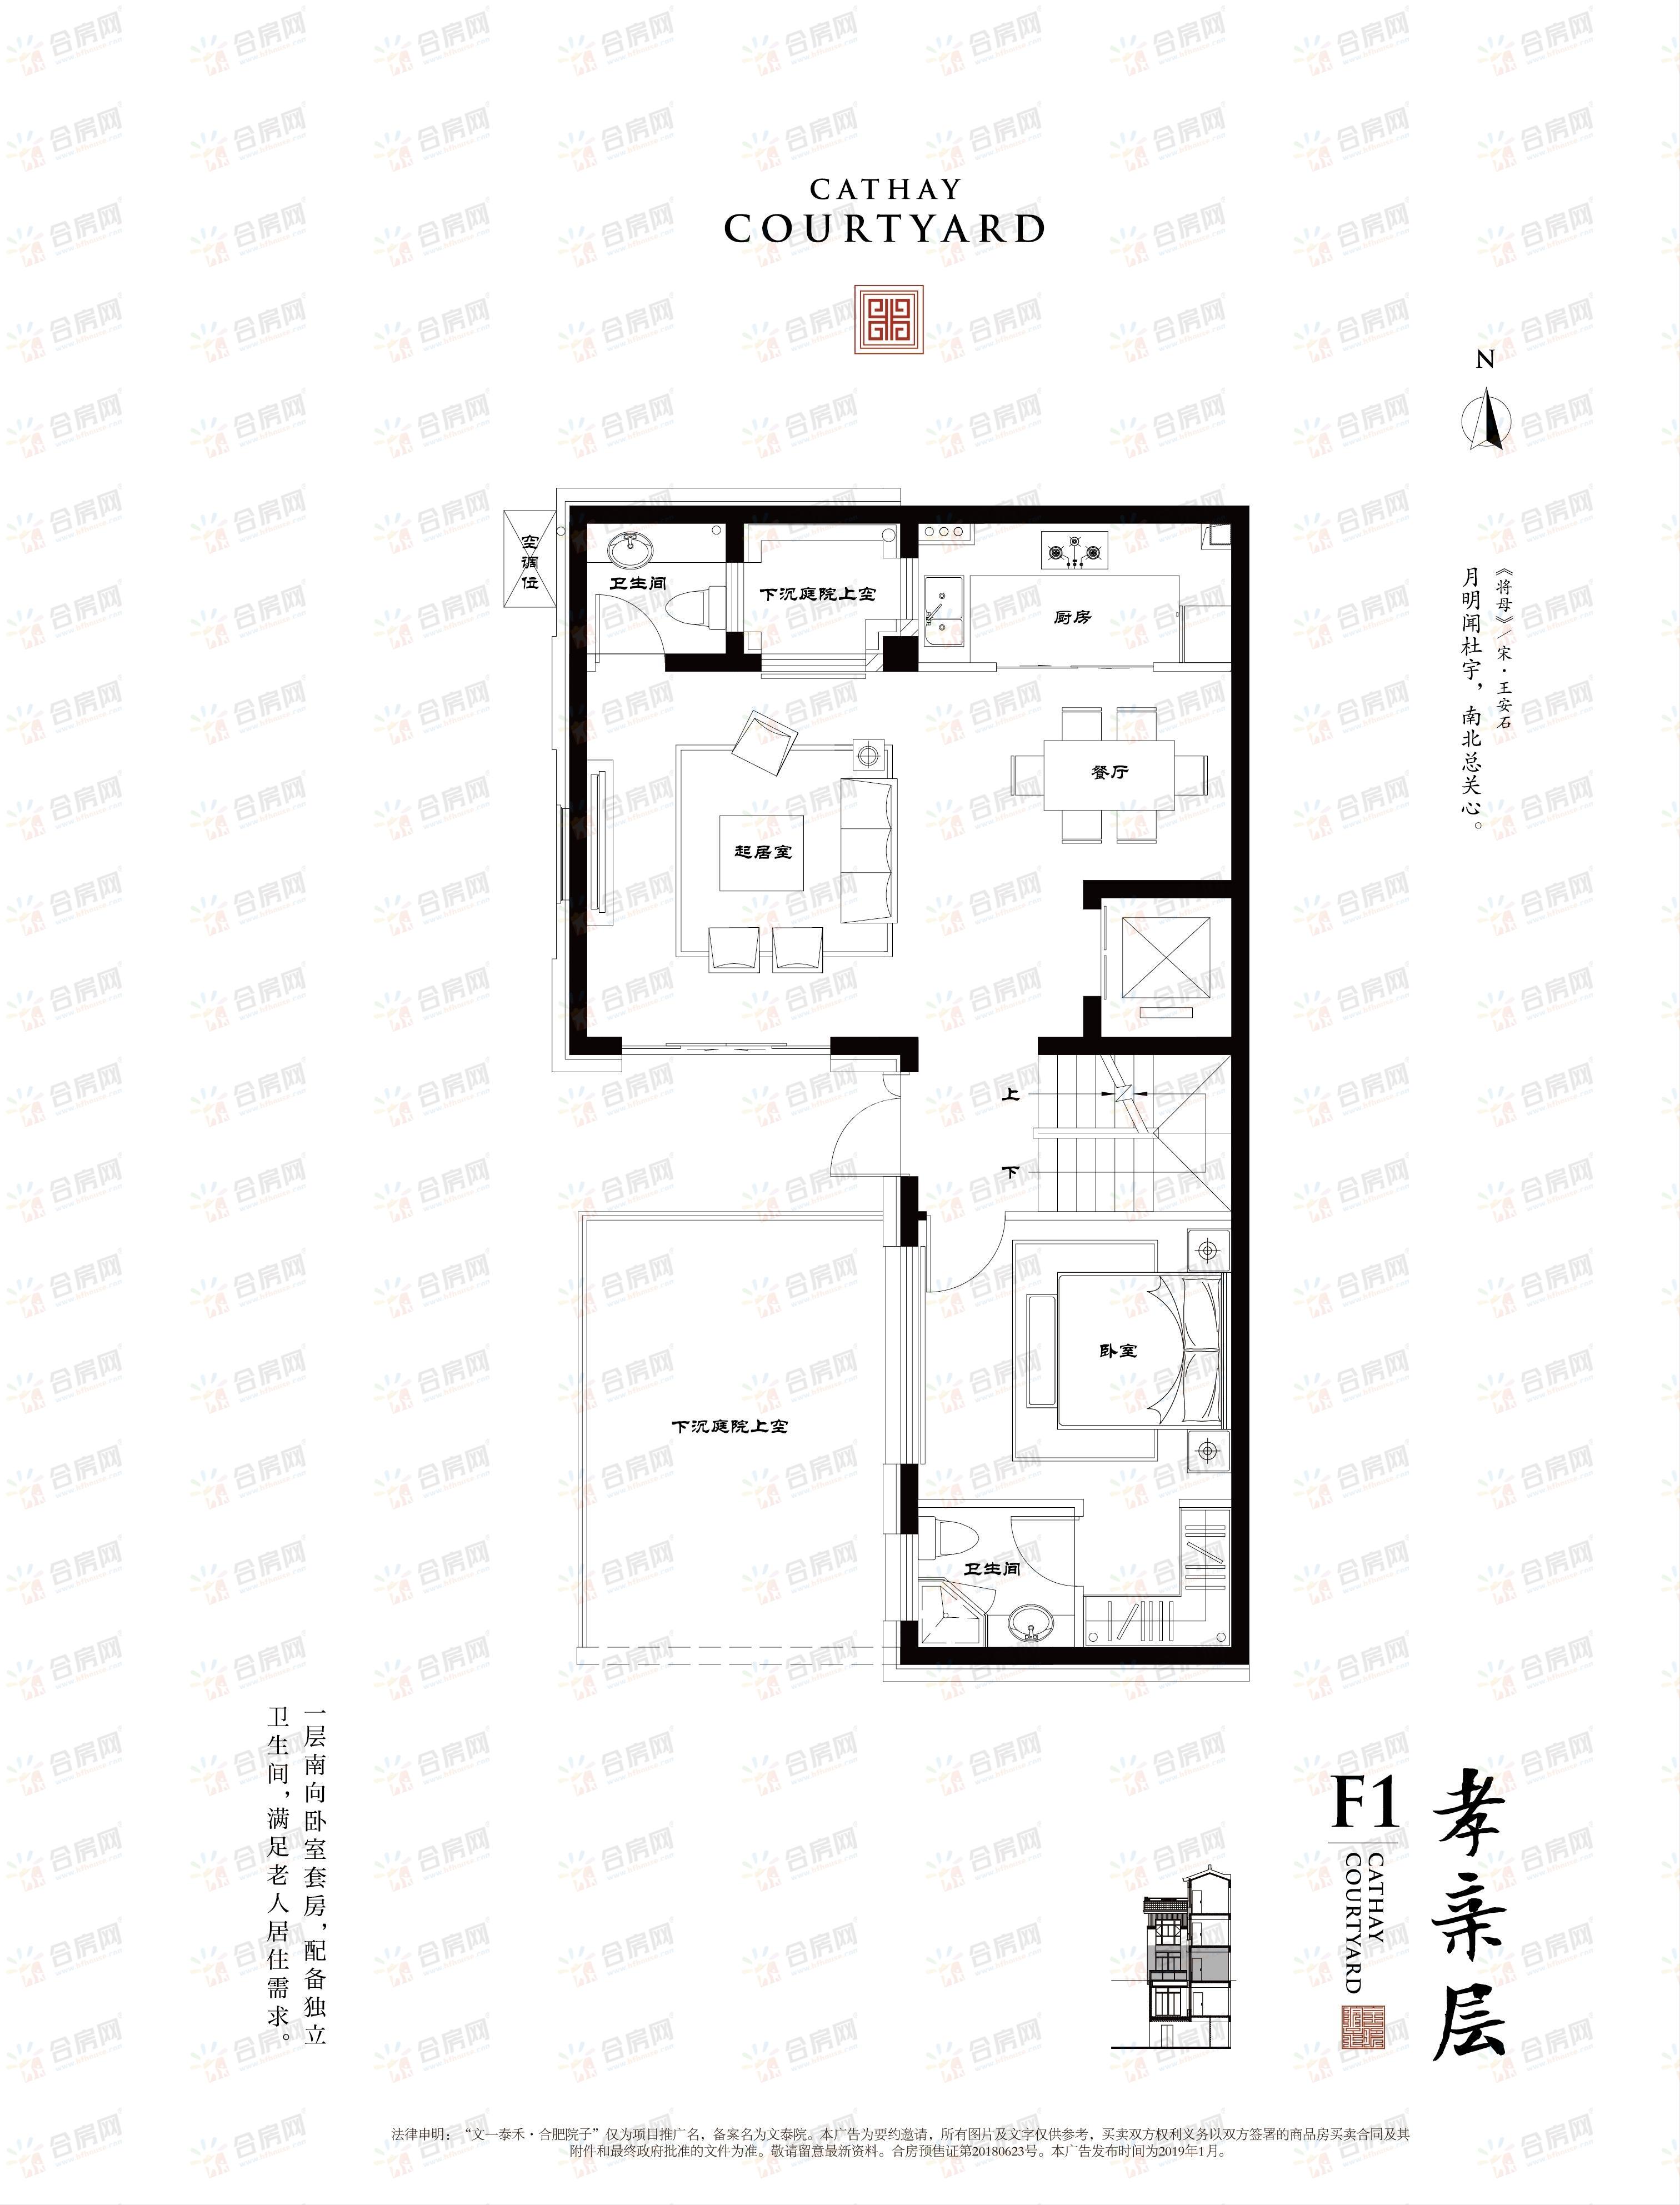 一层南向卧室套房,配备独立卫生间,满足老人居住需求。